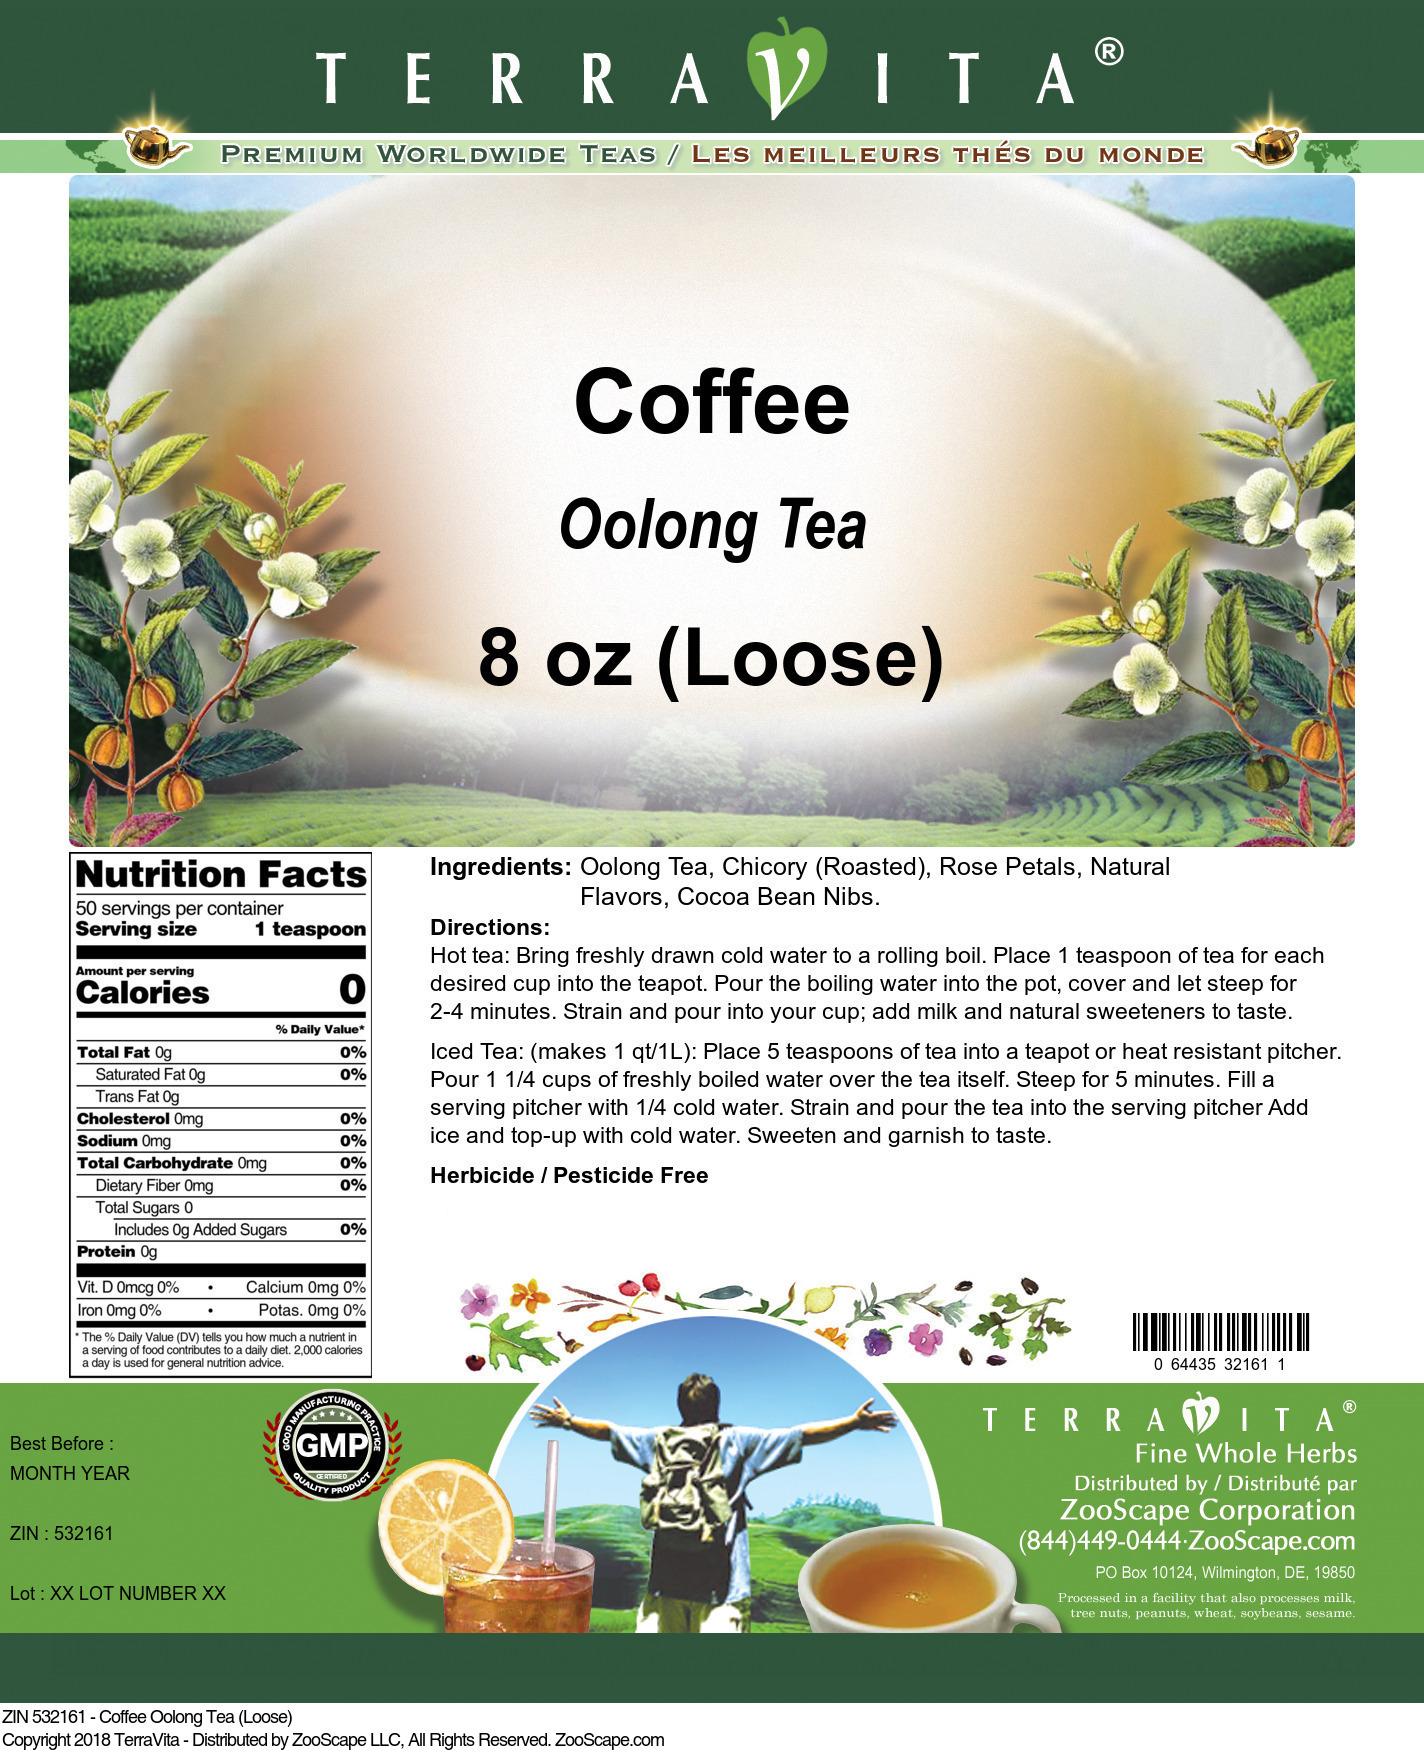 Coffee Oolong Tea